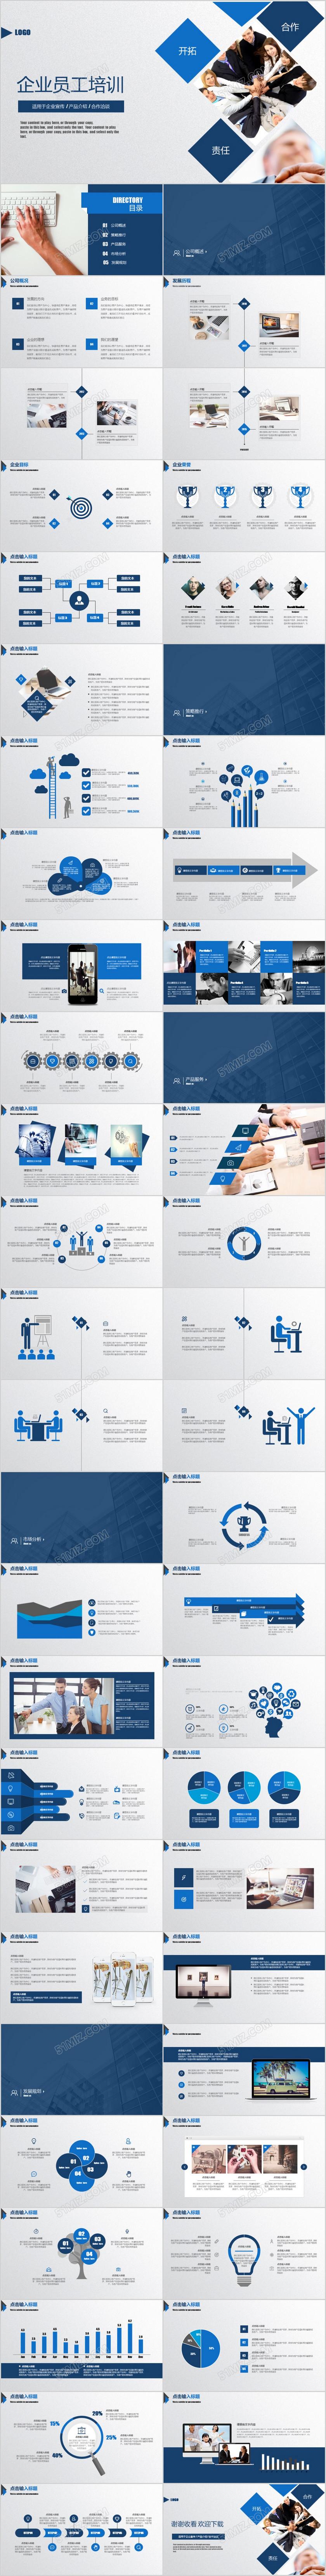 商务蓝色公司介绍企业入职培训培训ppt模板